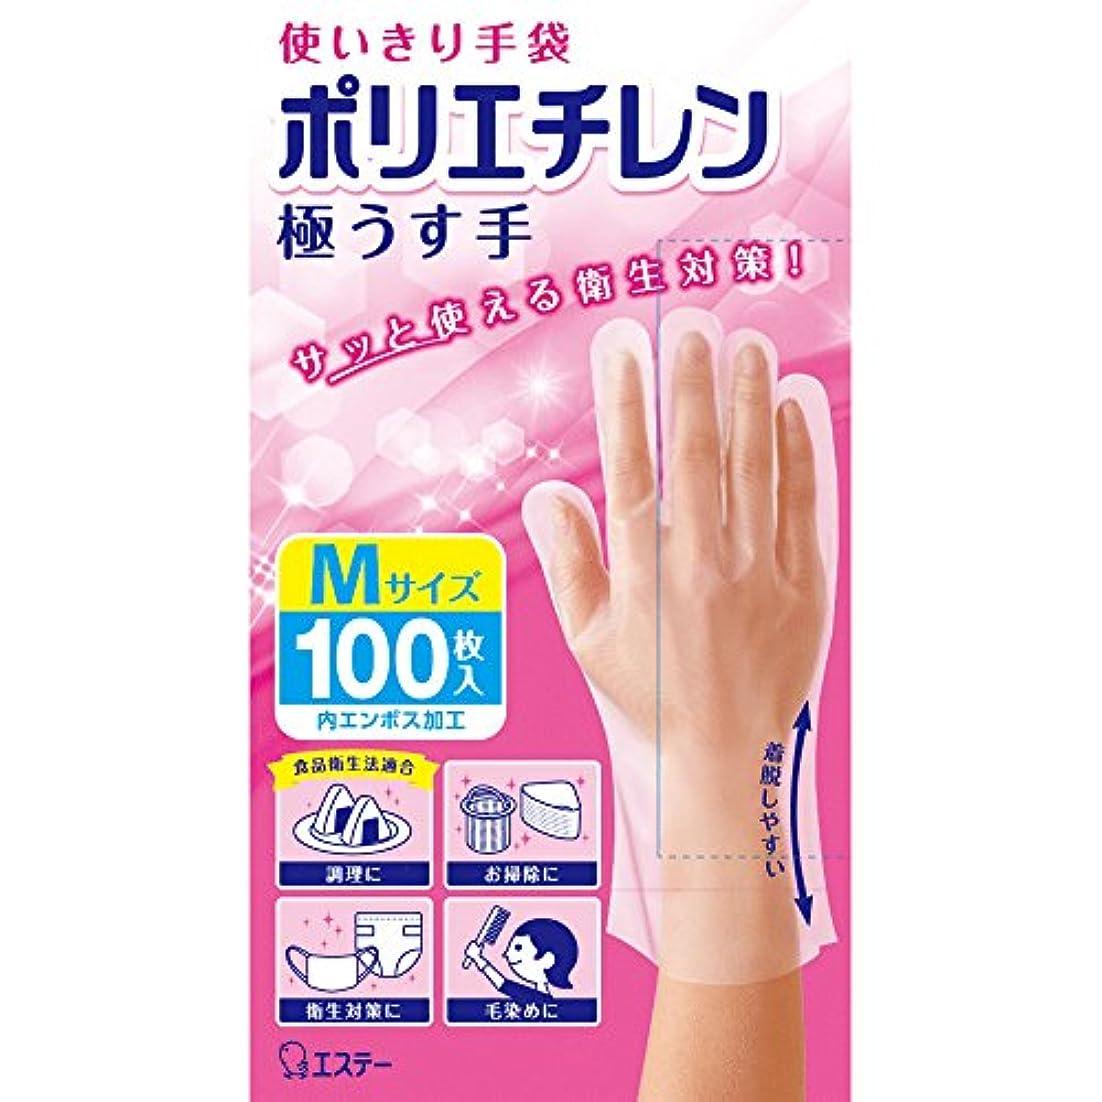 連帯セットするオーストラリア人使いきり手袋 ポリエチレン 極うす手 Mサイズ 半透明 100枚 使い捨て 食品衛生法適合